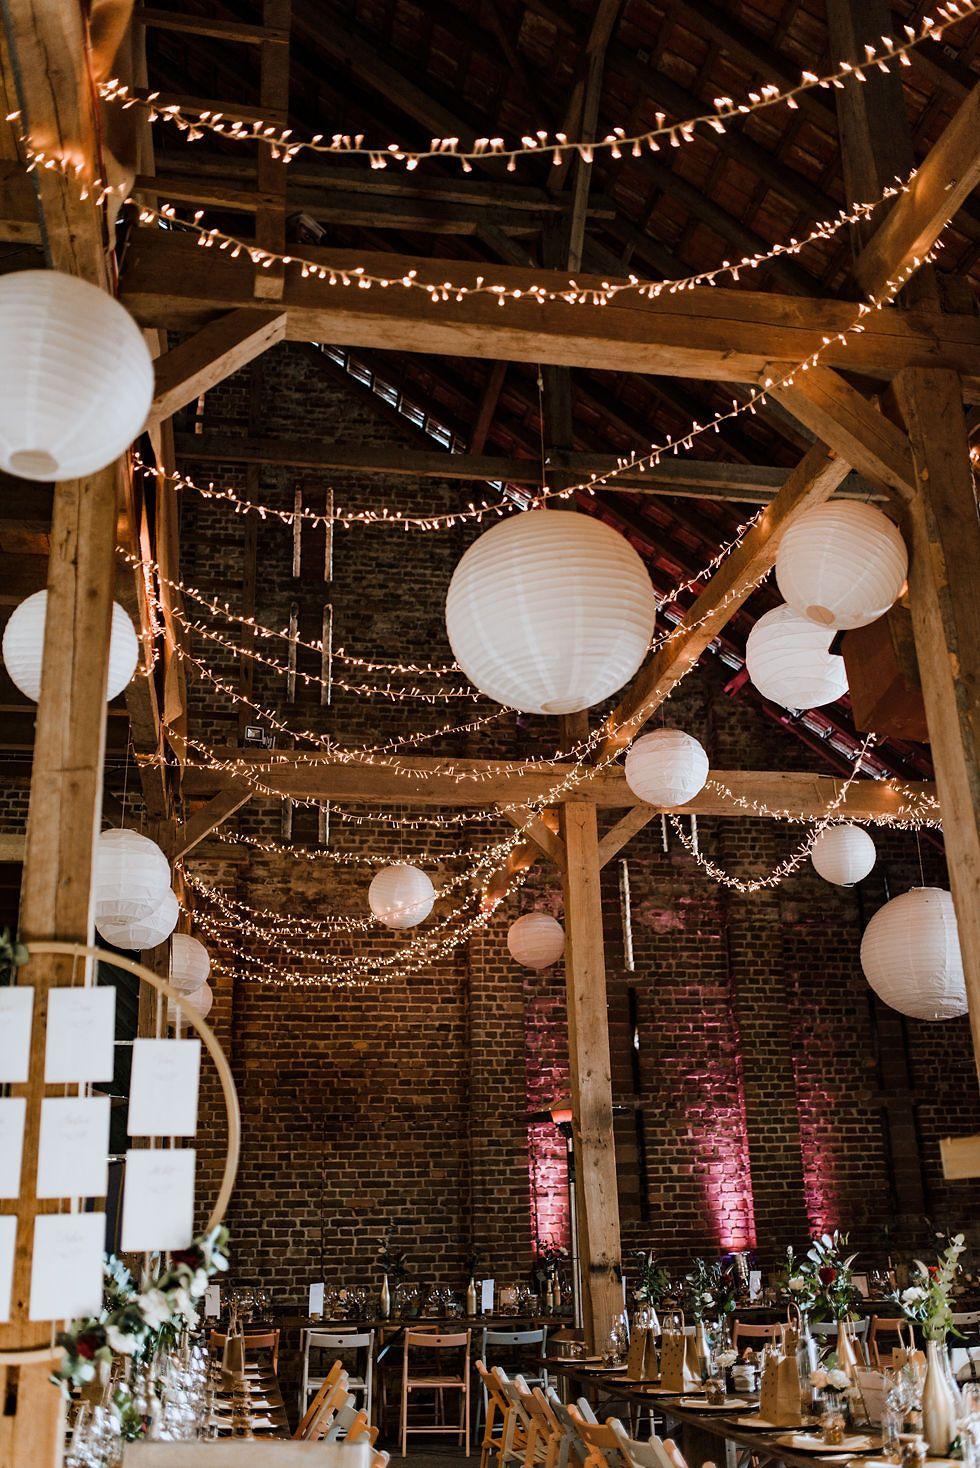 Beleuchtung Fur Feiern Und Events Mieten In Koln Munchen In 2020 Lichterketten Hochzeit Scheunen Hochzeit Beleuchtung